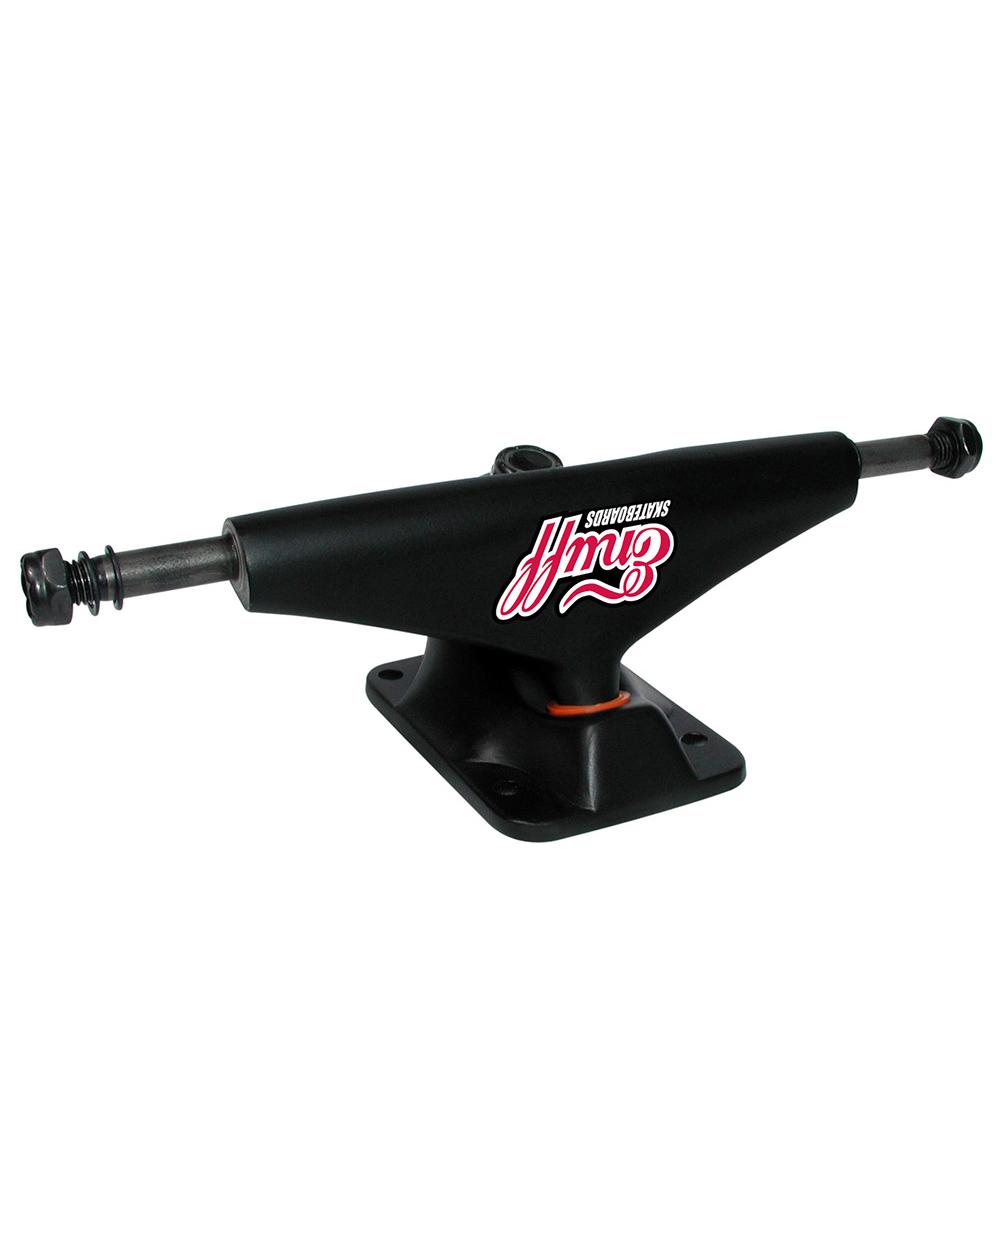 Enuff Truck Skateboard Pro 306Low 5.00-inch Covert 2 pz